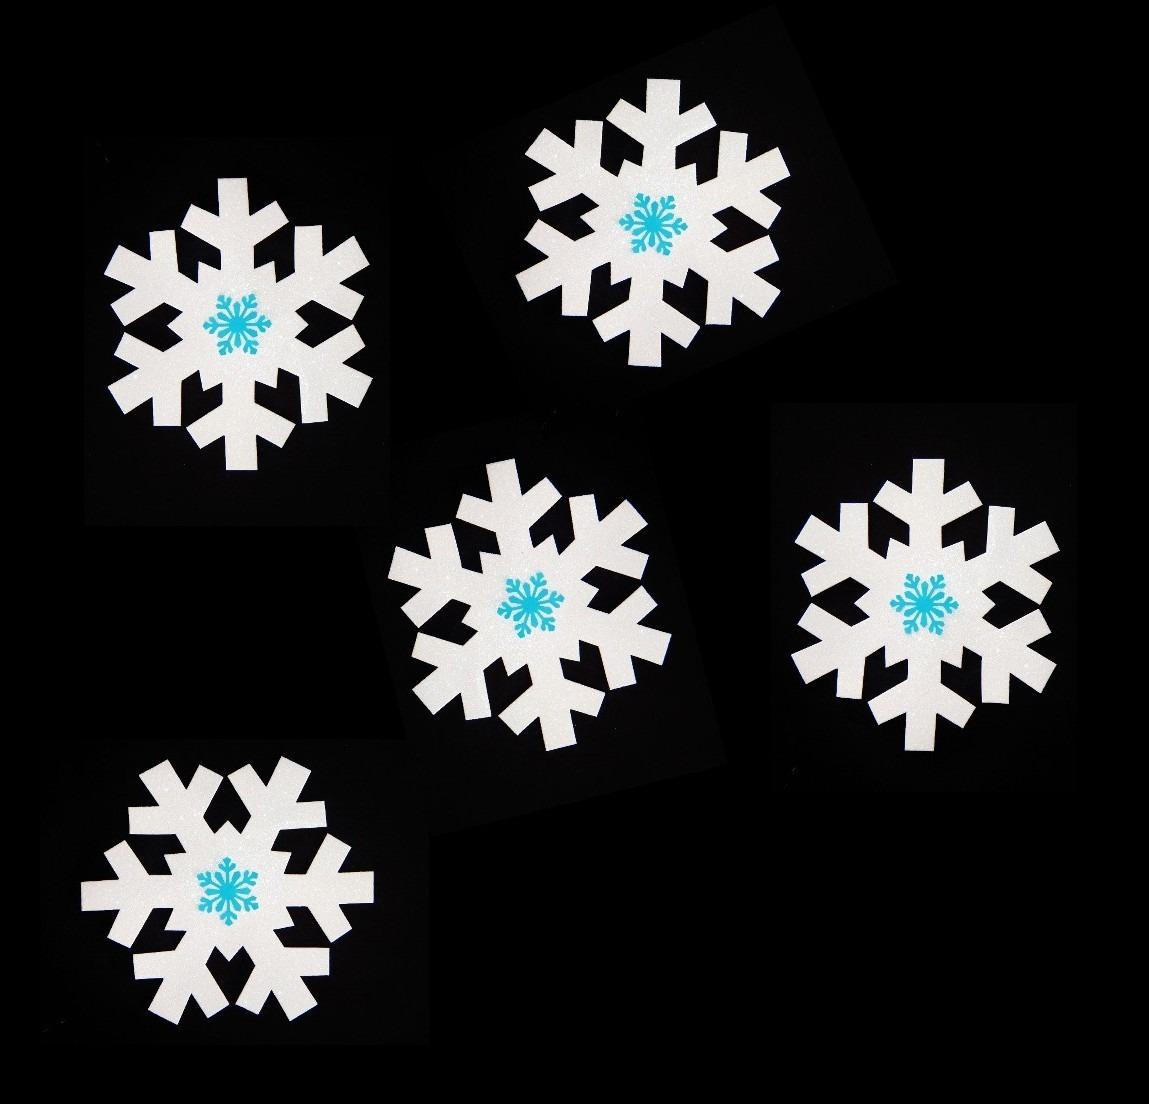 Copos nieve frozen goma eva foamy adorno navidad for Adornos navidenos mercadolibre